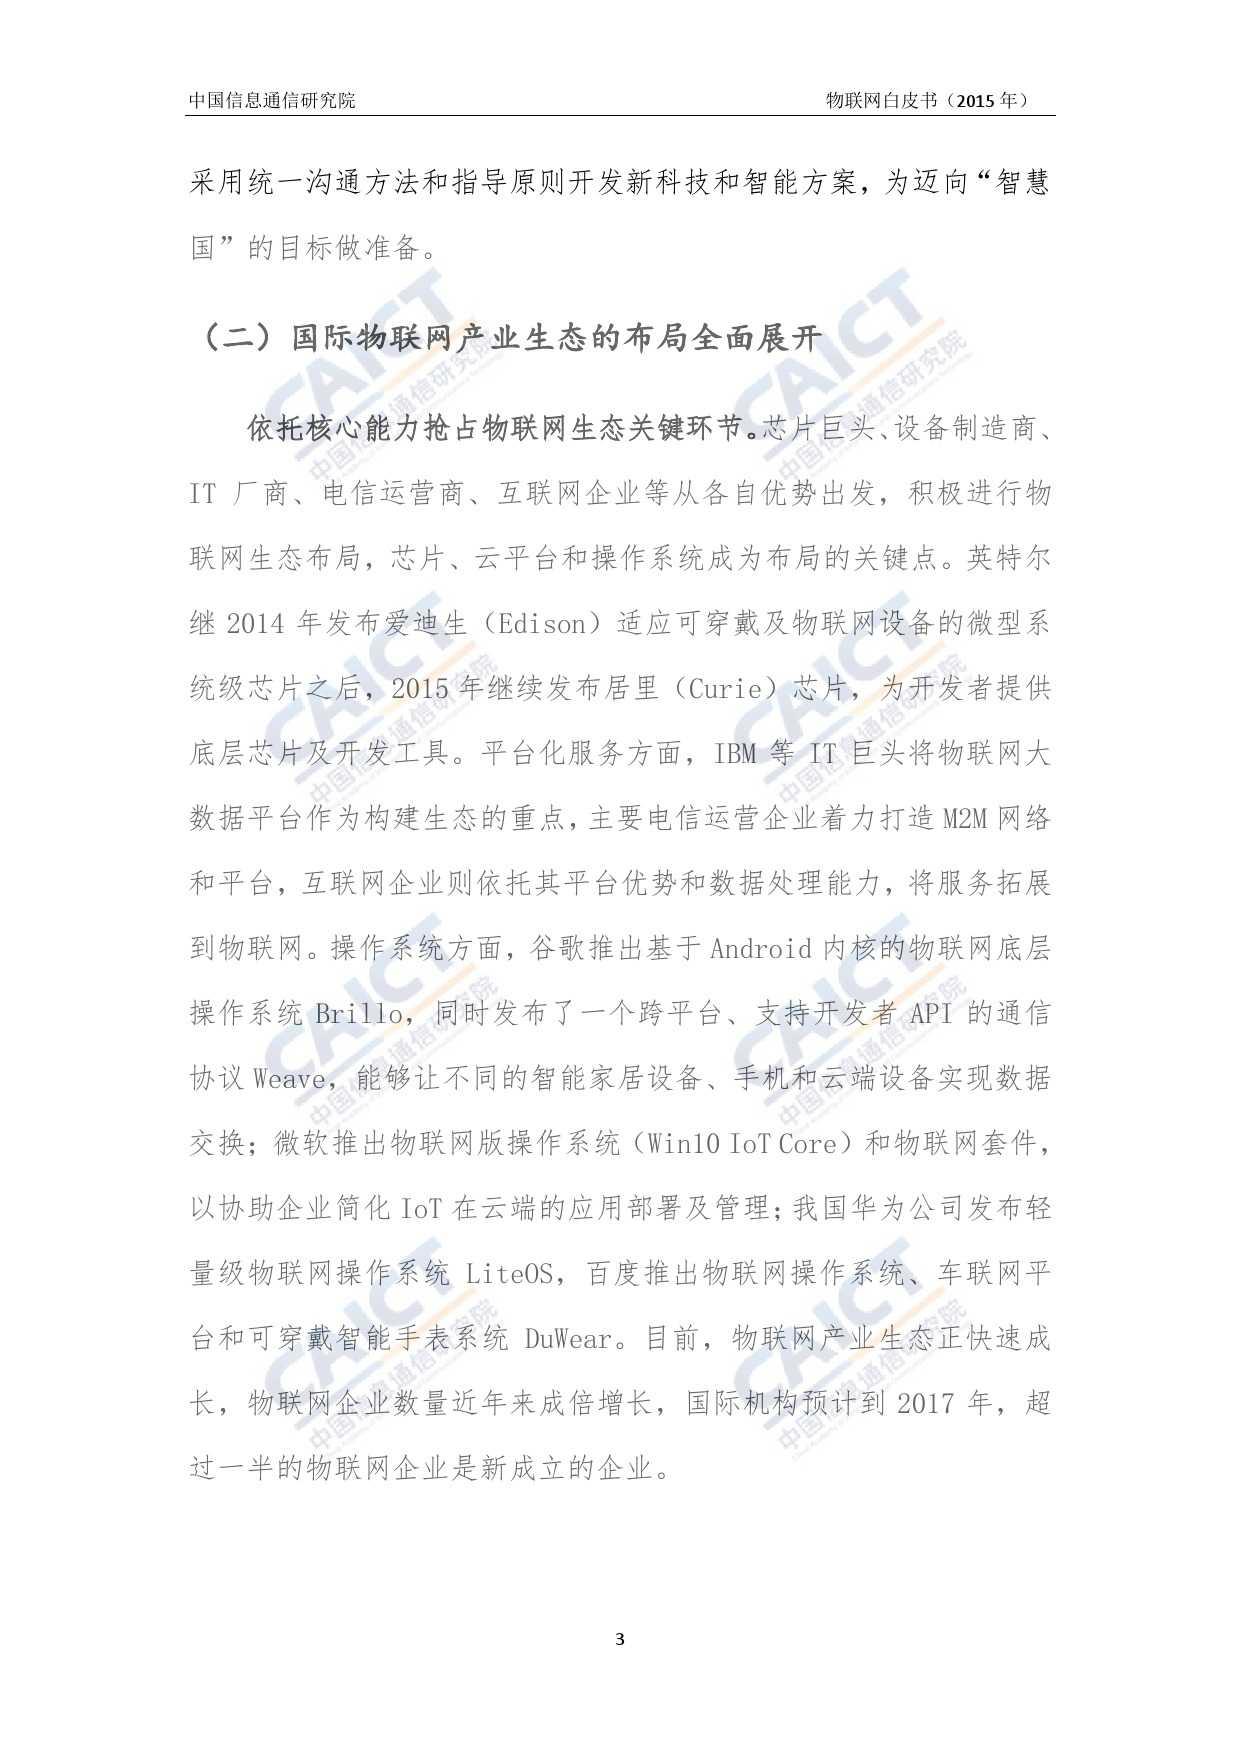 中国信息通信研究院:2015年物联网白皮书_000007